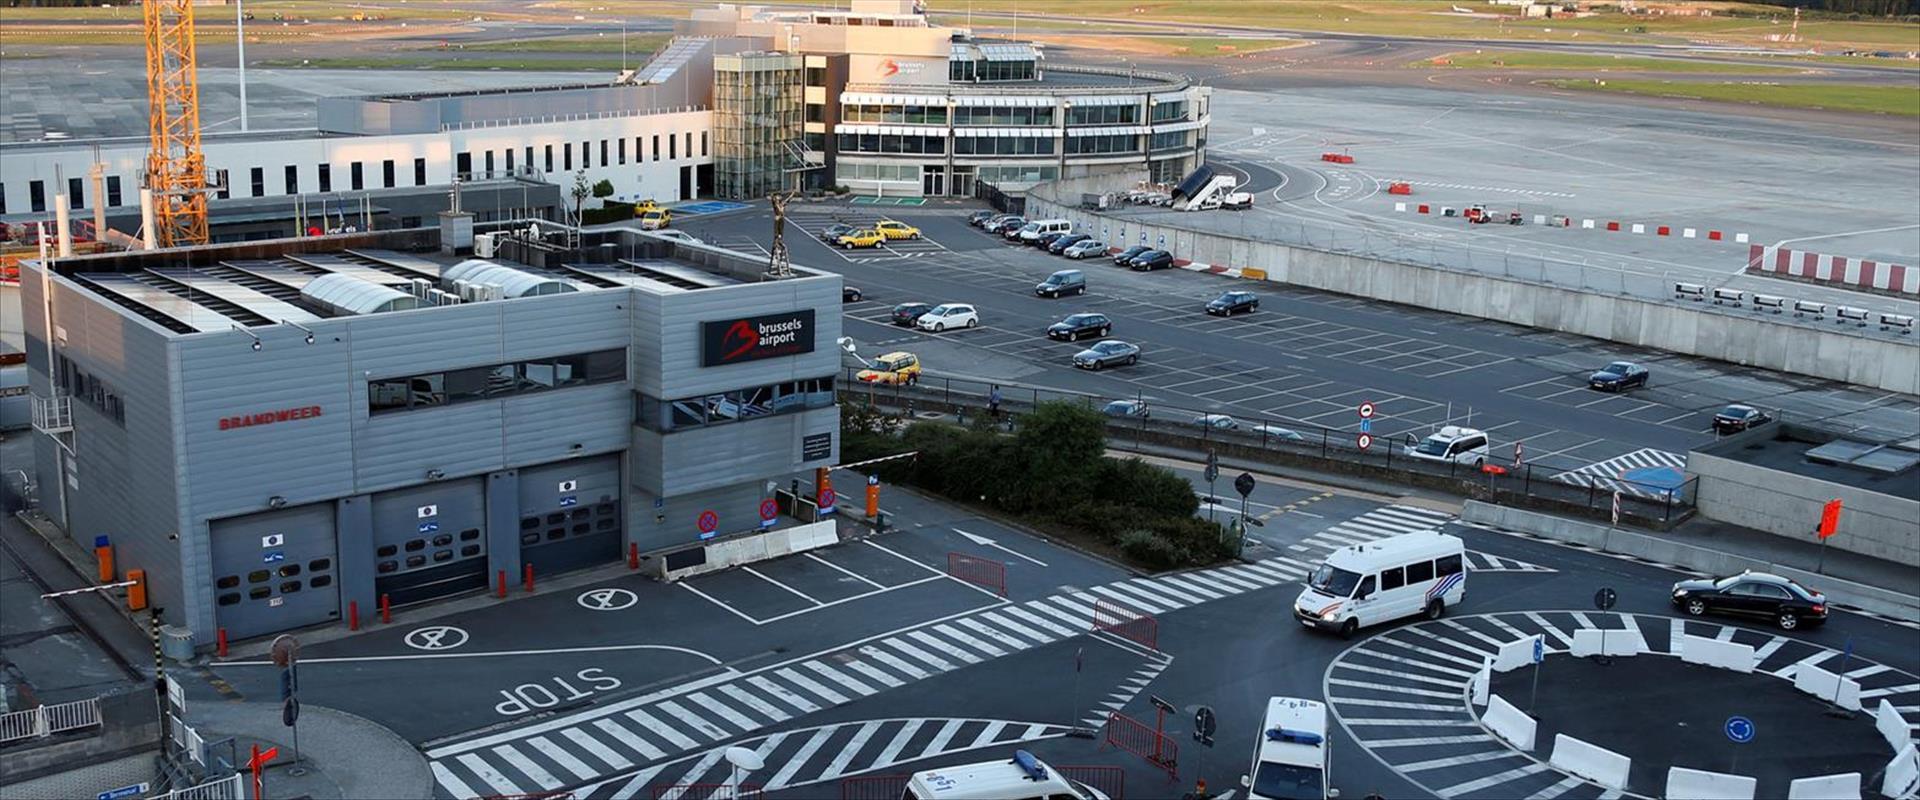 נמל התעופה בבריסל